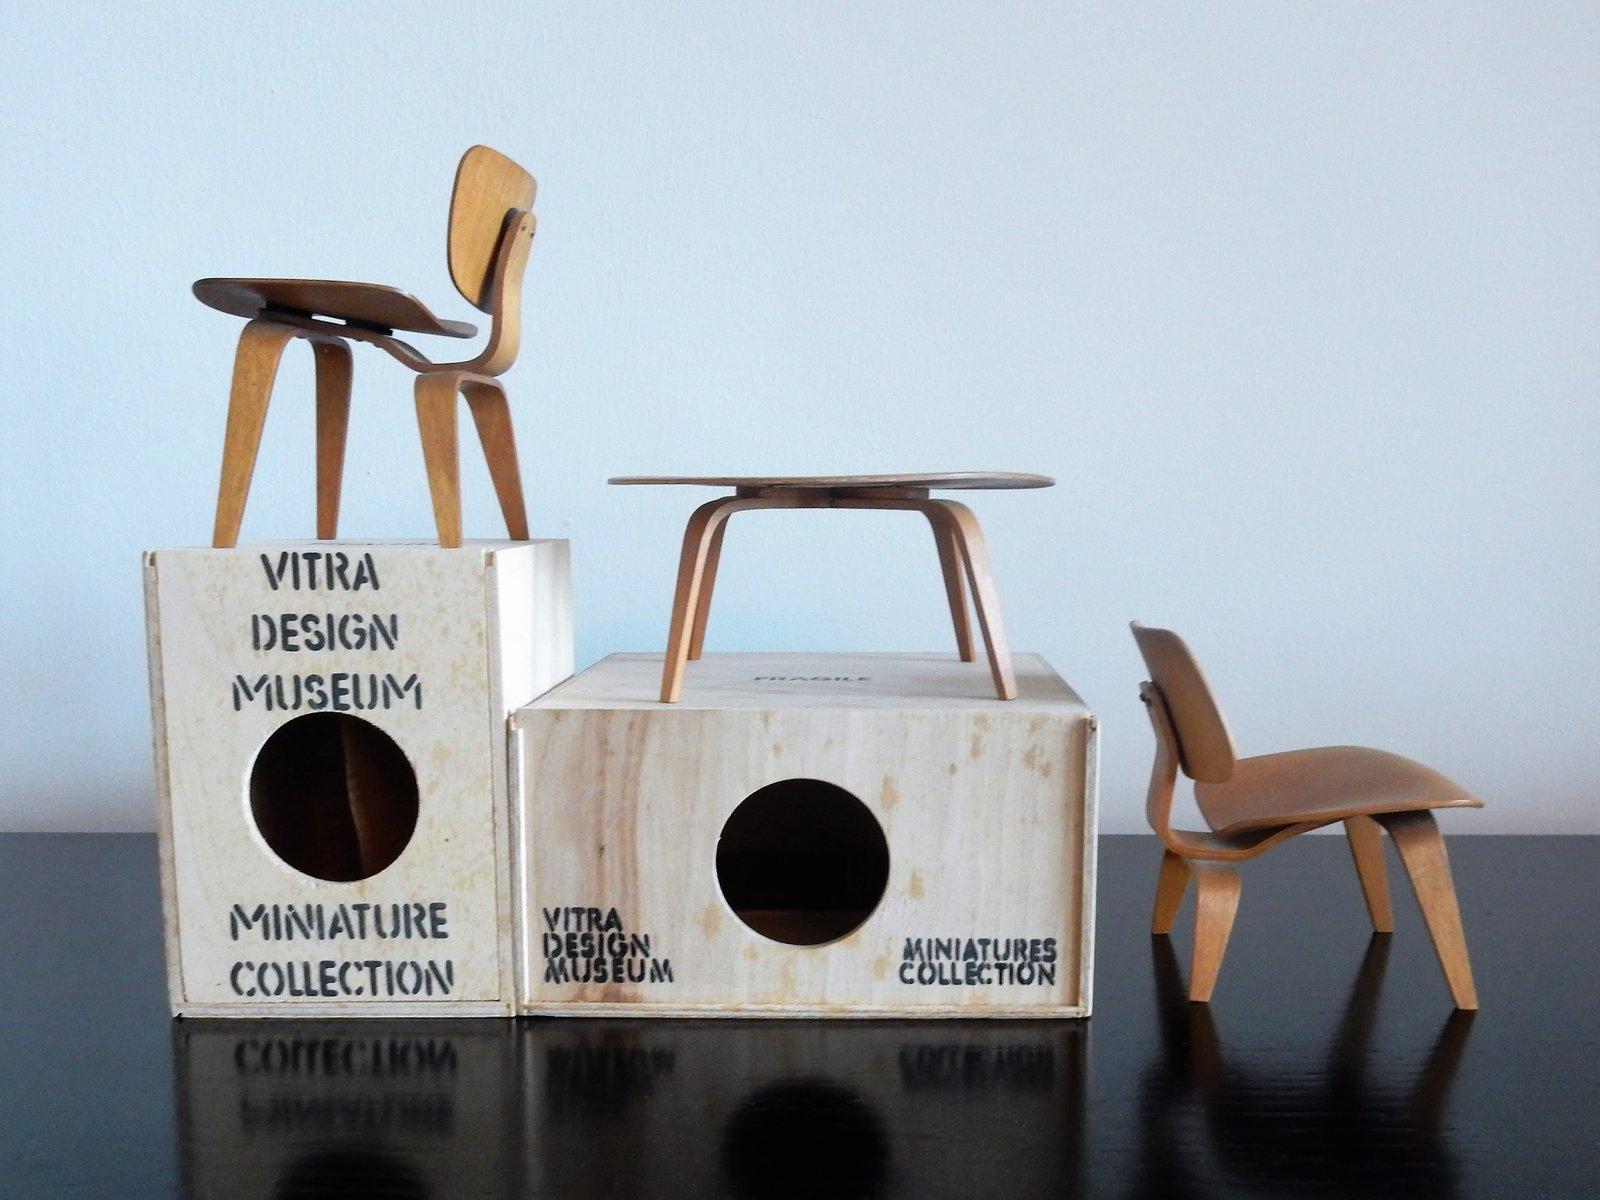 Tavolo E Sedie In Miniatura Di Charles Ray Eames Per Vitra Anni 90 Set Di 3 In Vendita Su Pamono